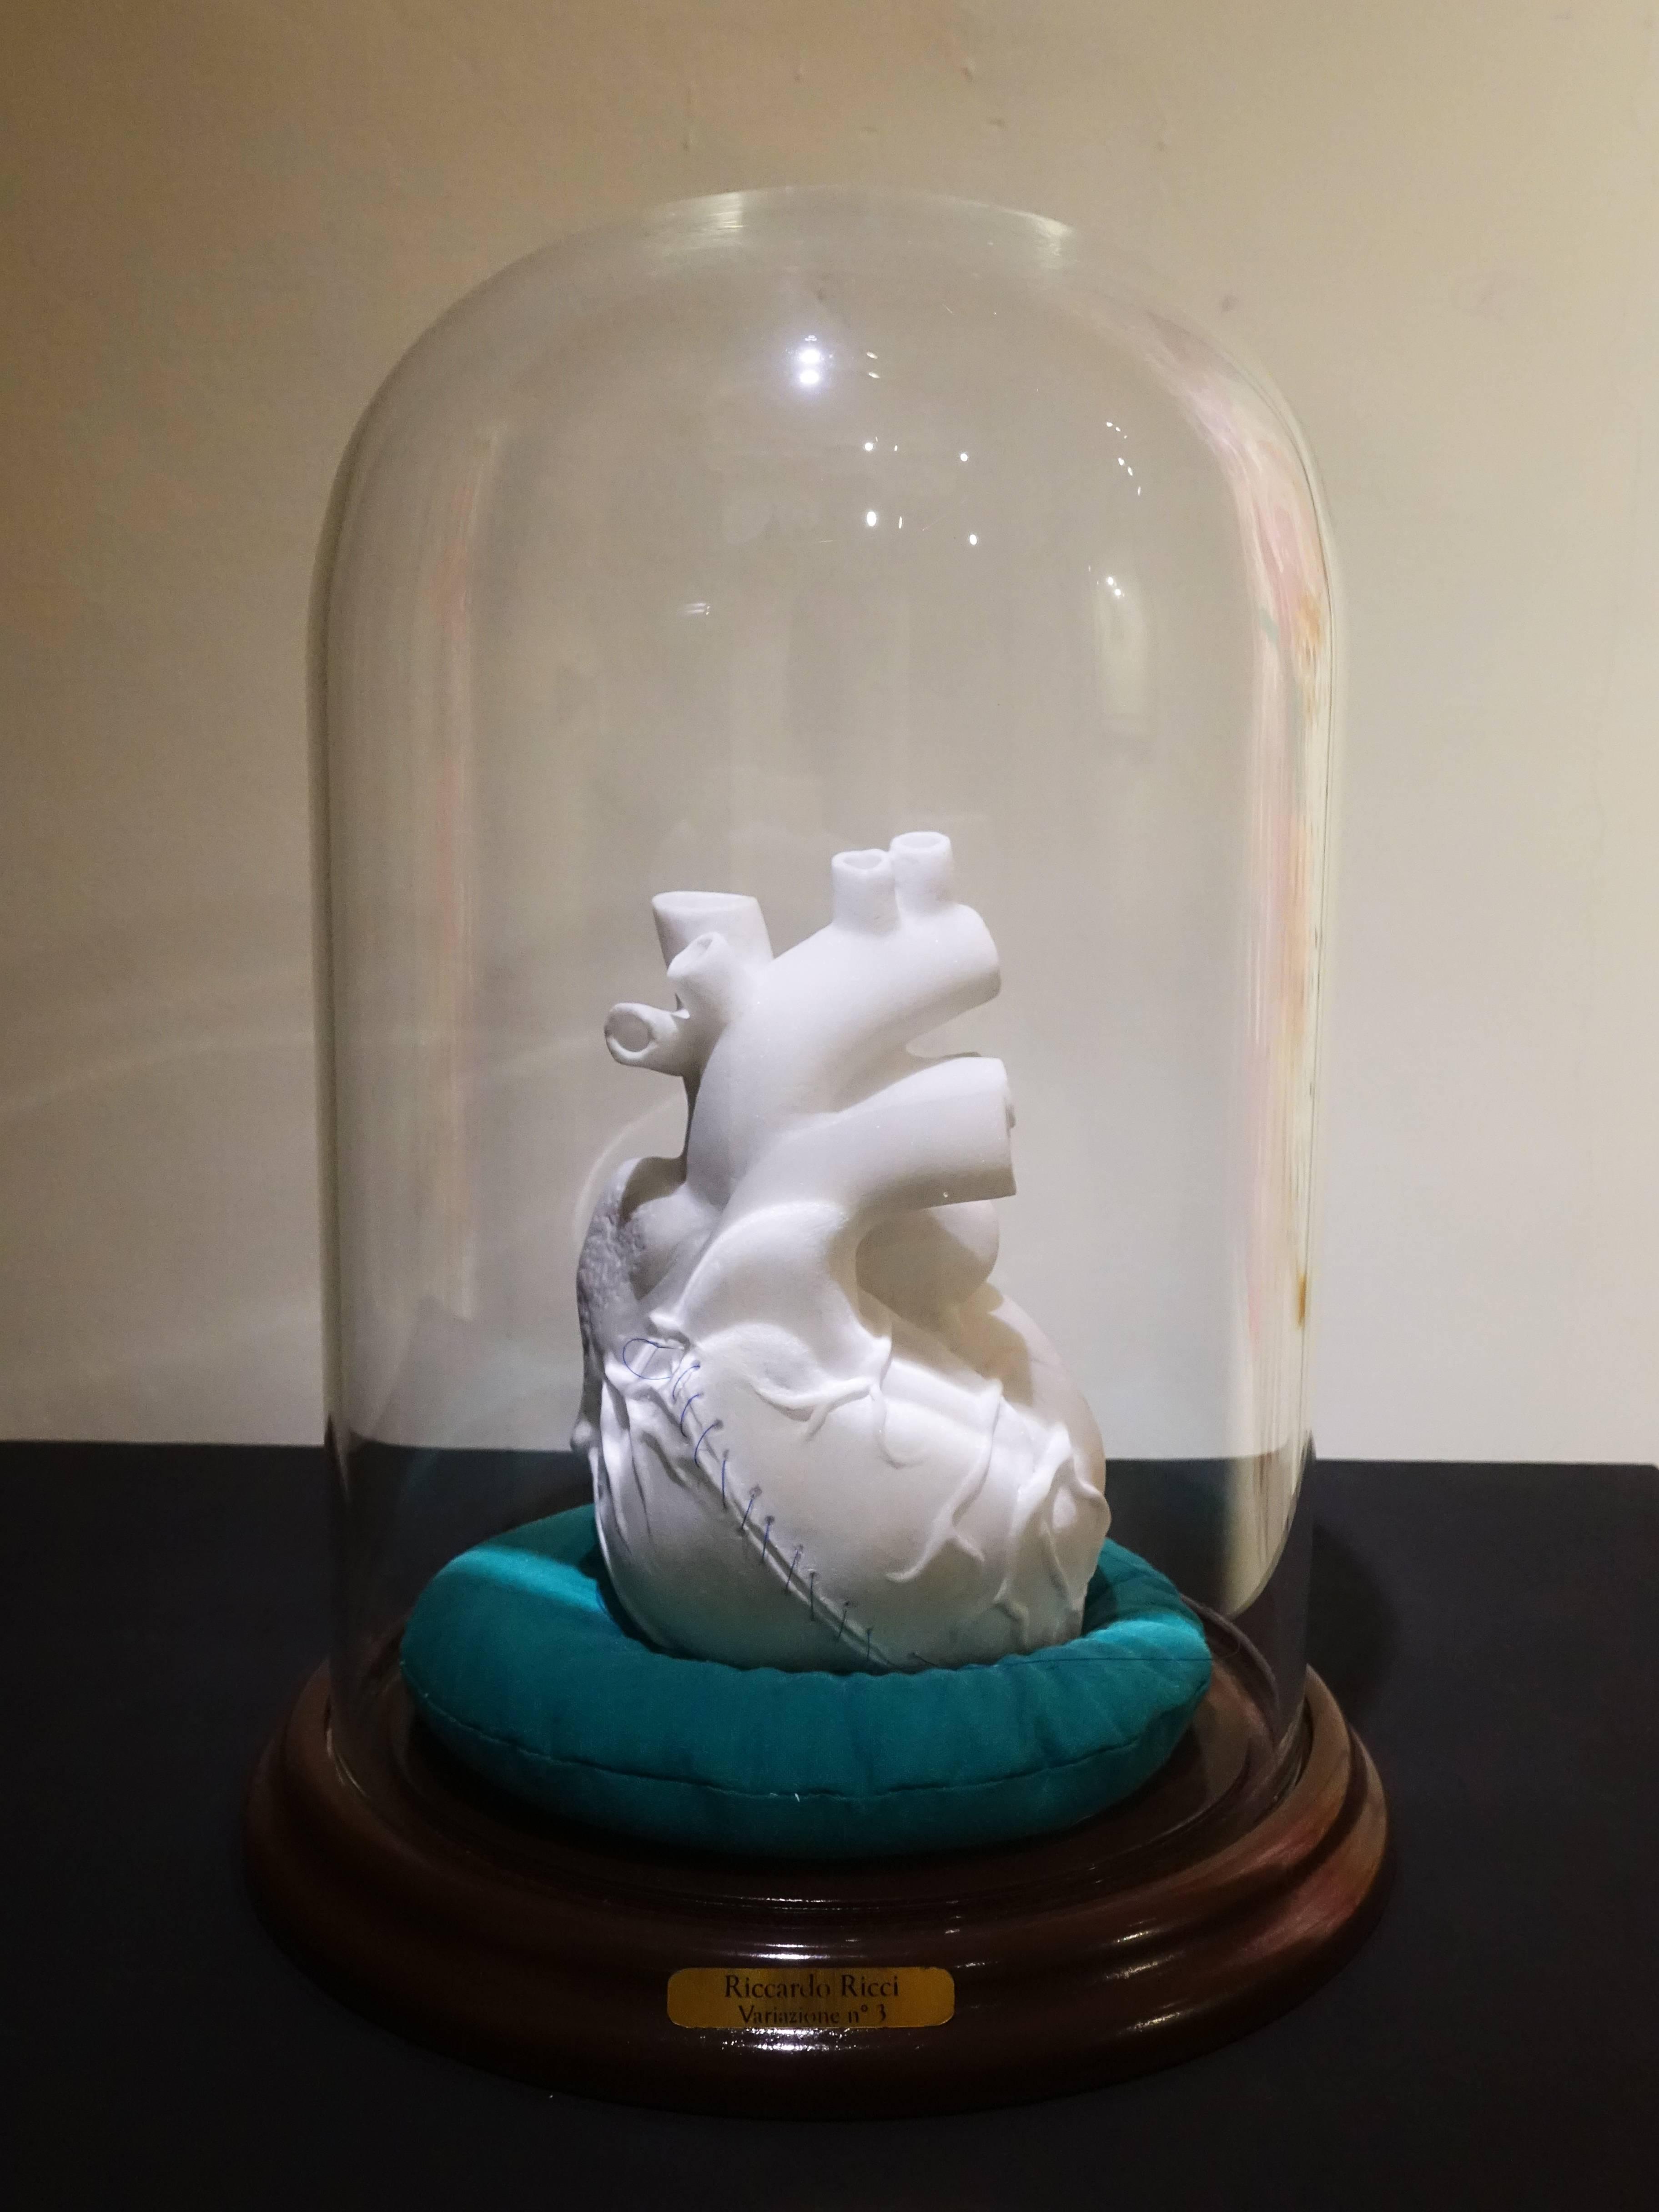 里卡多.李奇,《觀察心臟的三位一體遊戲-3》,20 x 20 x 300 cm ,卡拉拉大理石、複合媒材,2015。